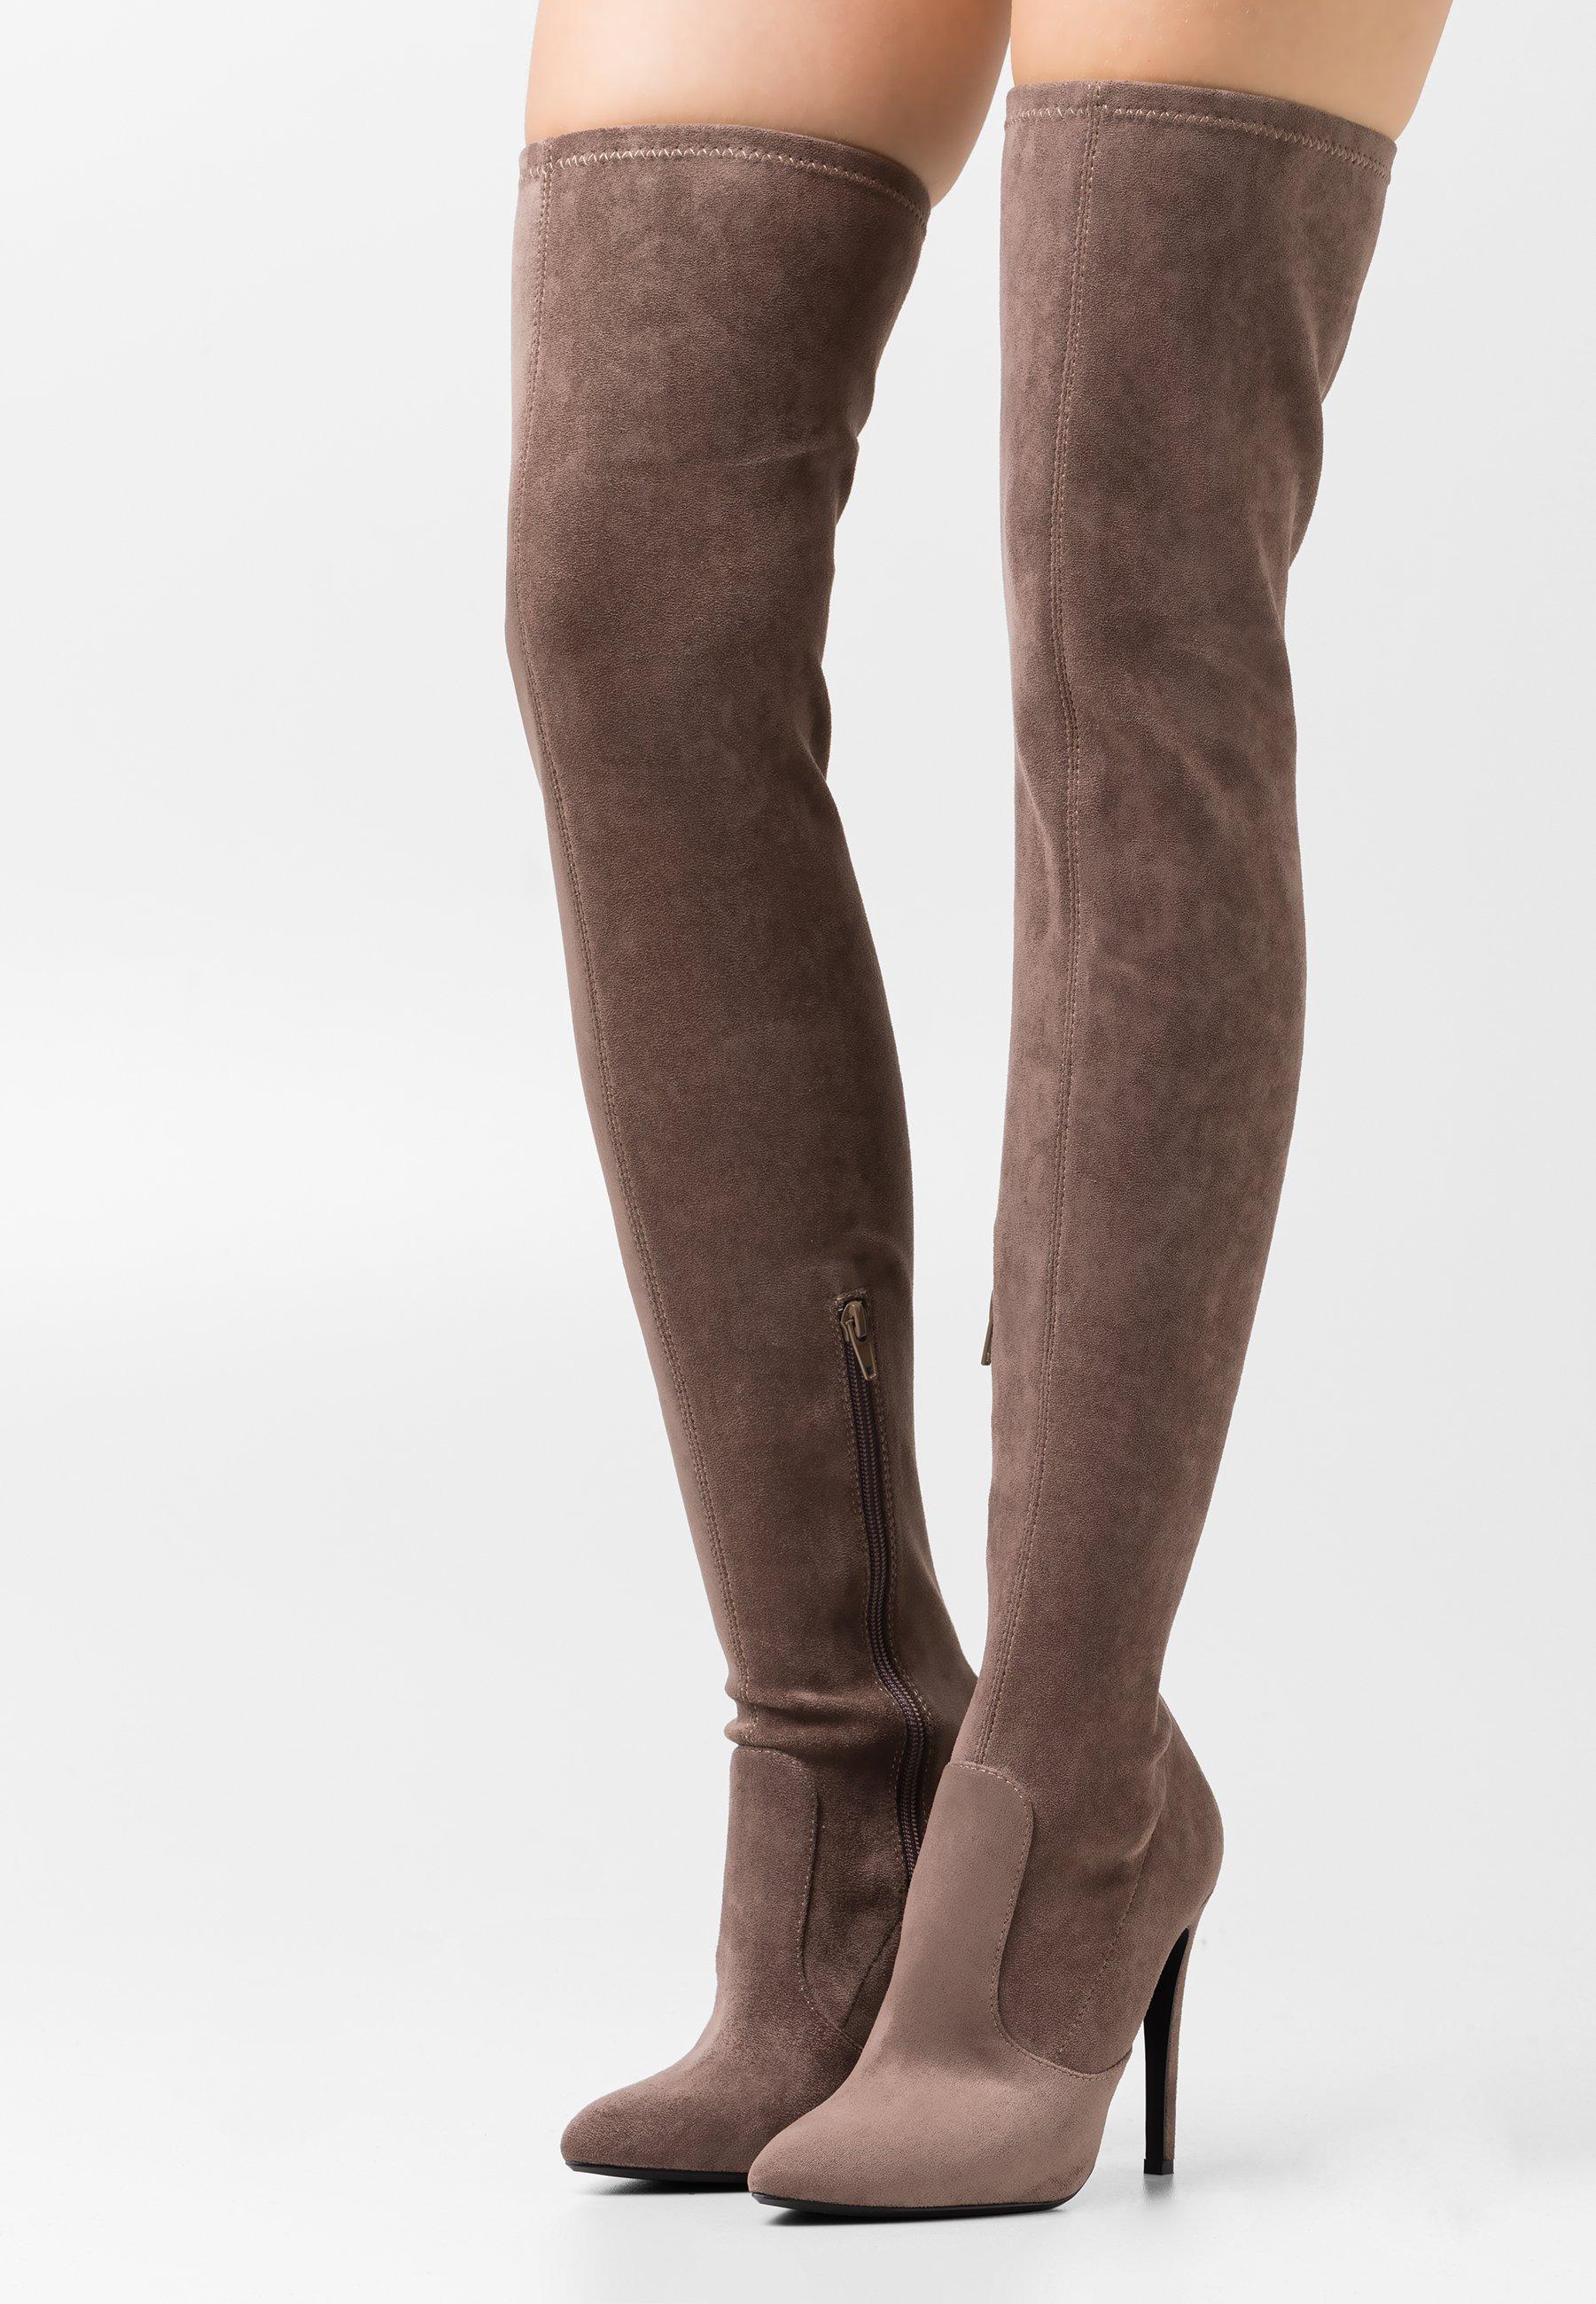 Femme VEGAN MARJORIE - Bottes à talons hauts - taupe